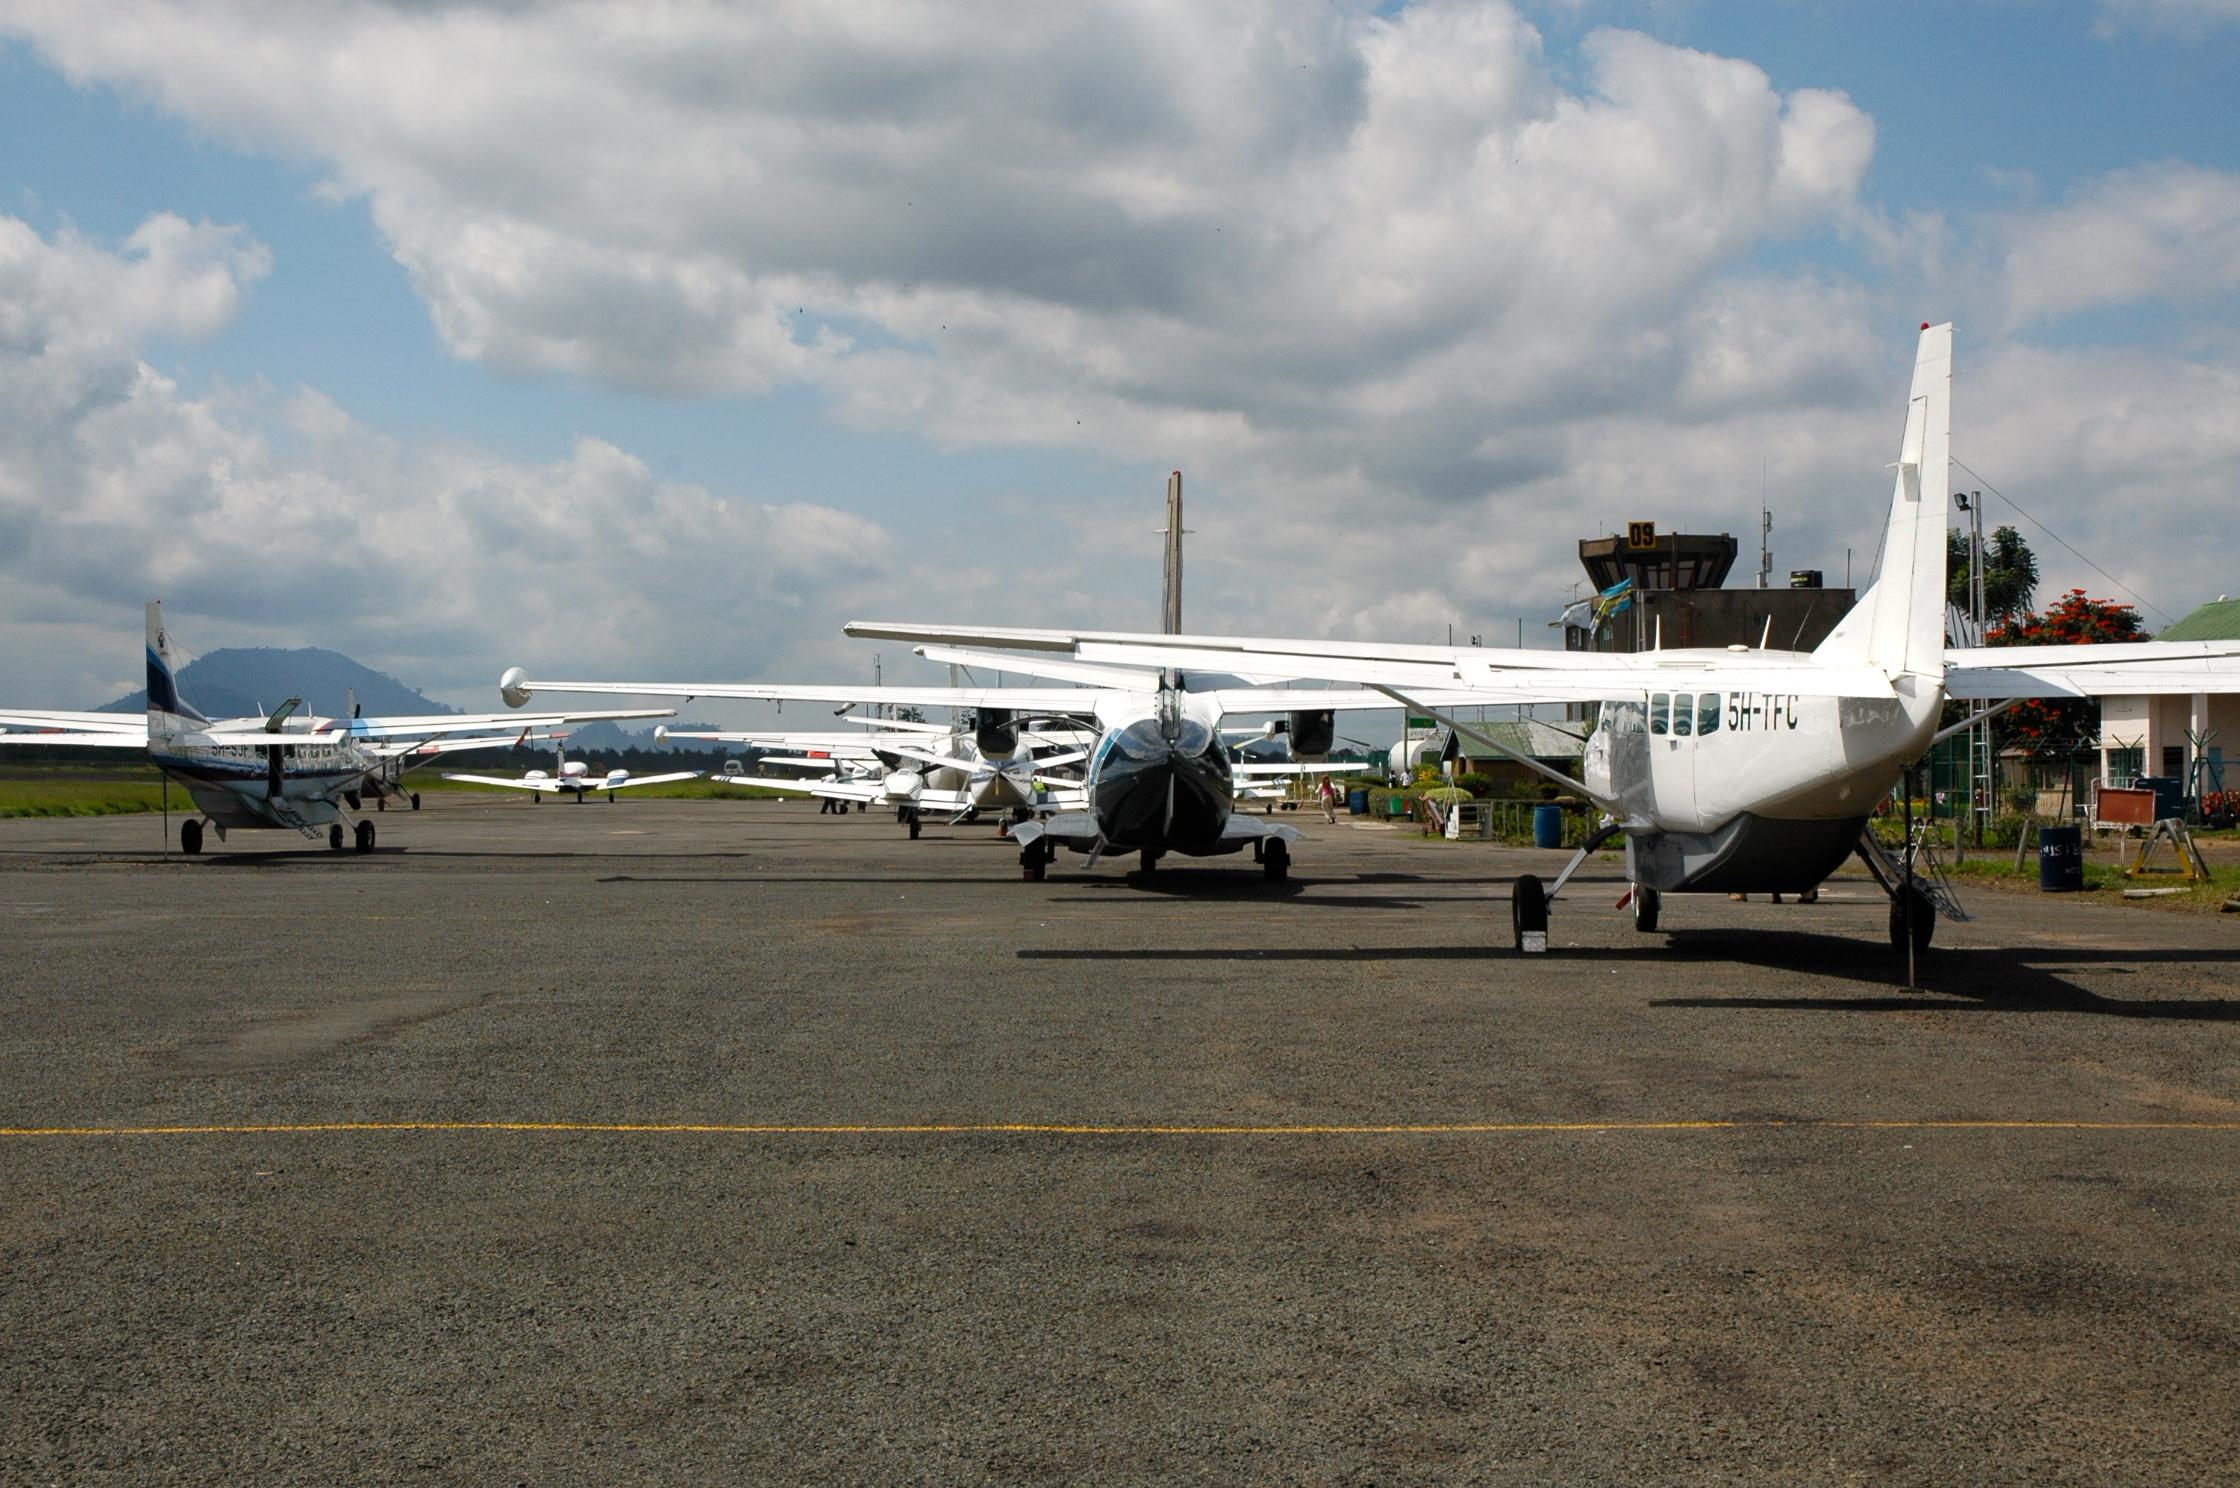 Aeroporto Nairobi : Chegando À tanzÂnia um pouquinho de cada lugar joaquim